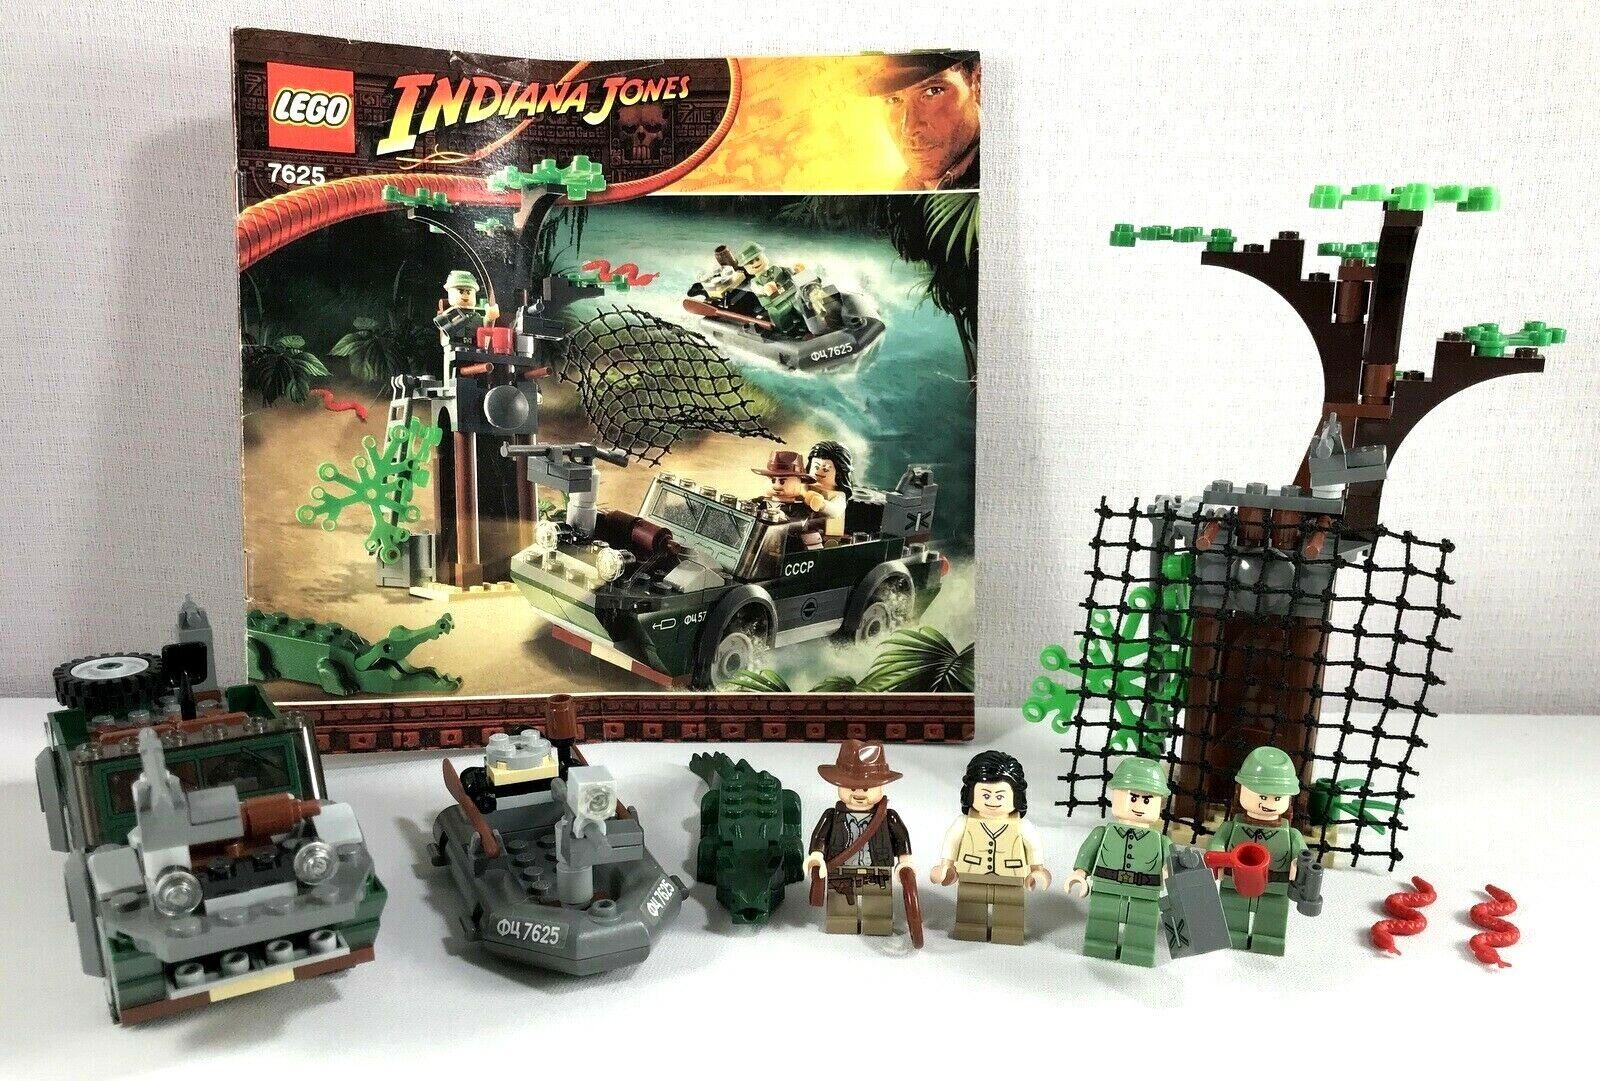 LEGO INDIANA JONES set River Chase 7625 complet avec  4 minifigs  choisissez votre préférée